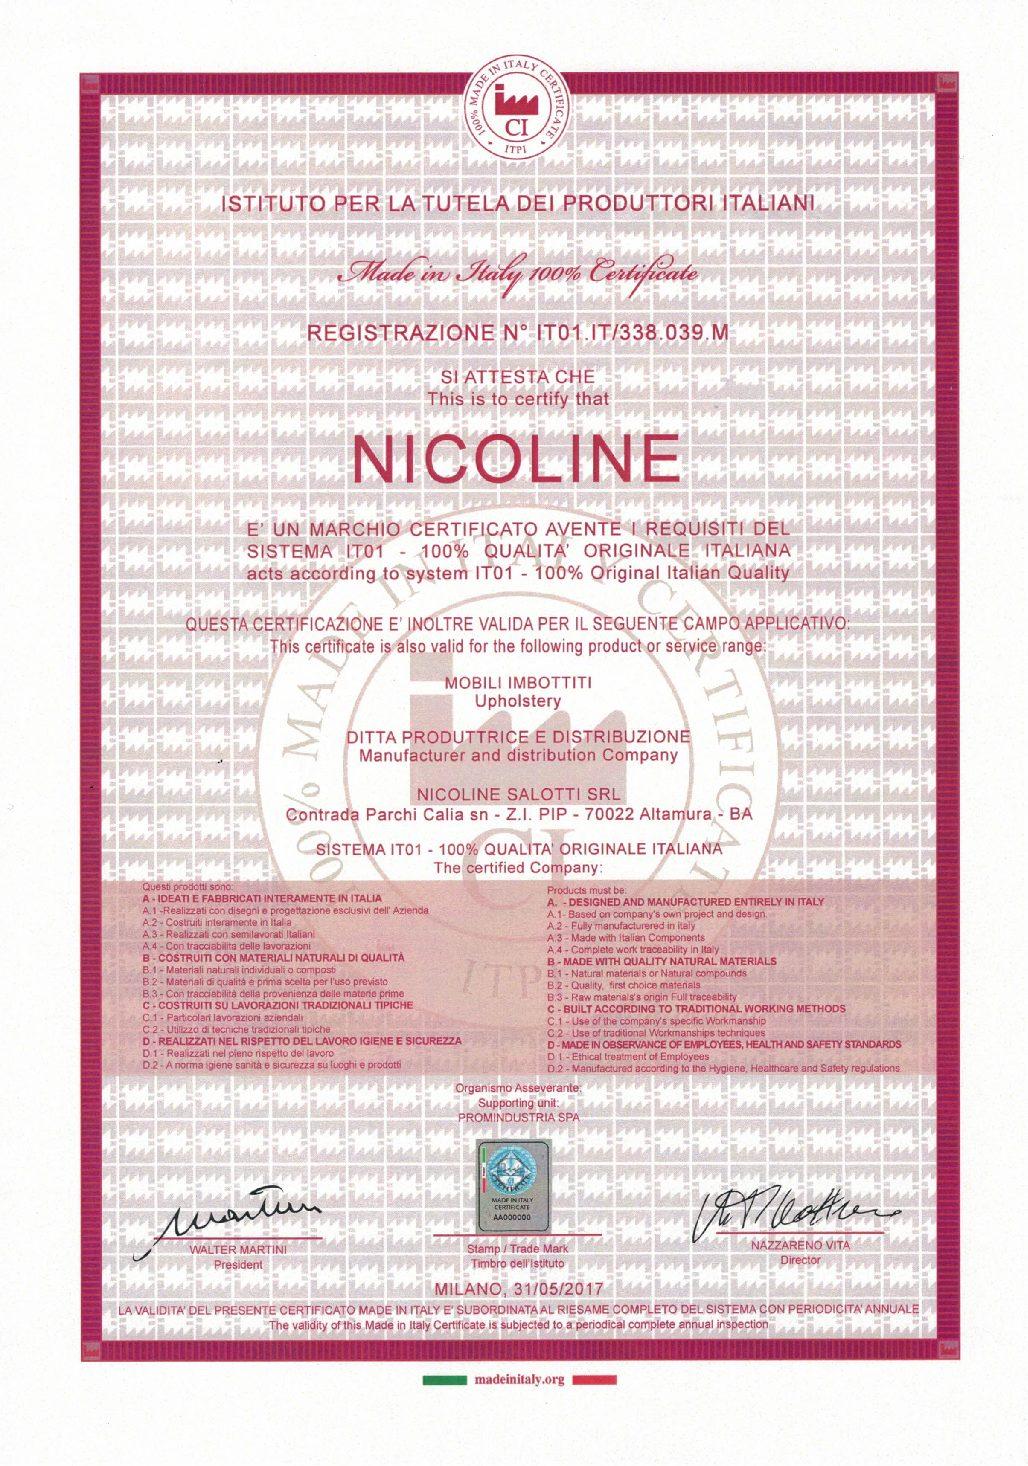 NICOLINE CERTIFIE 100% QUALITÉ ITALIENNE